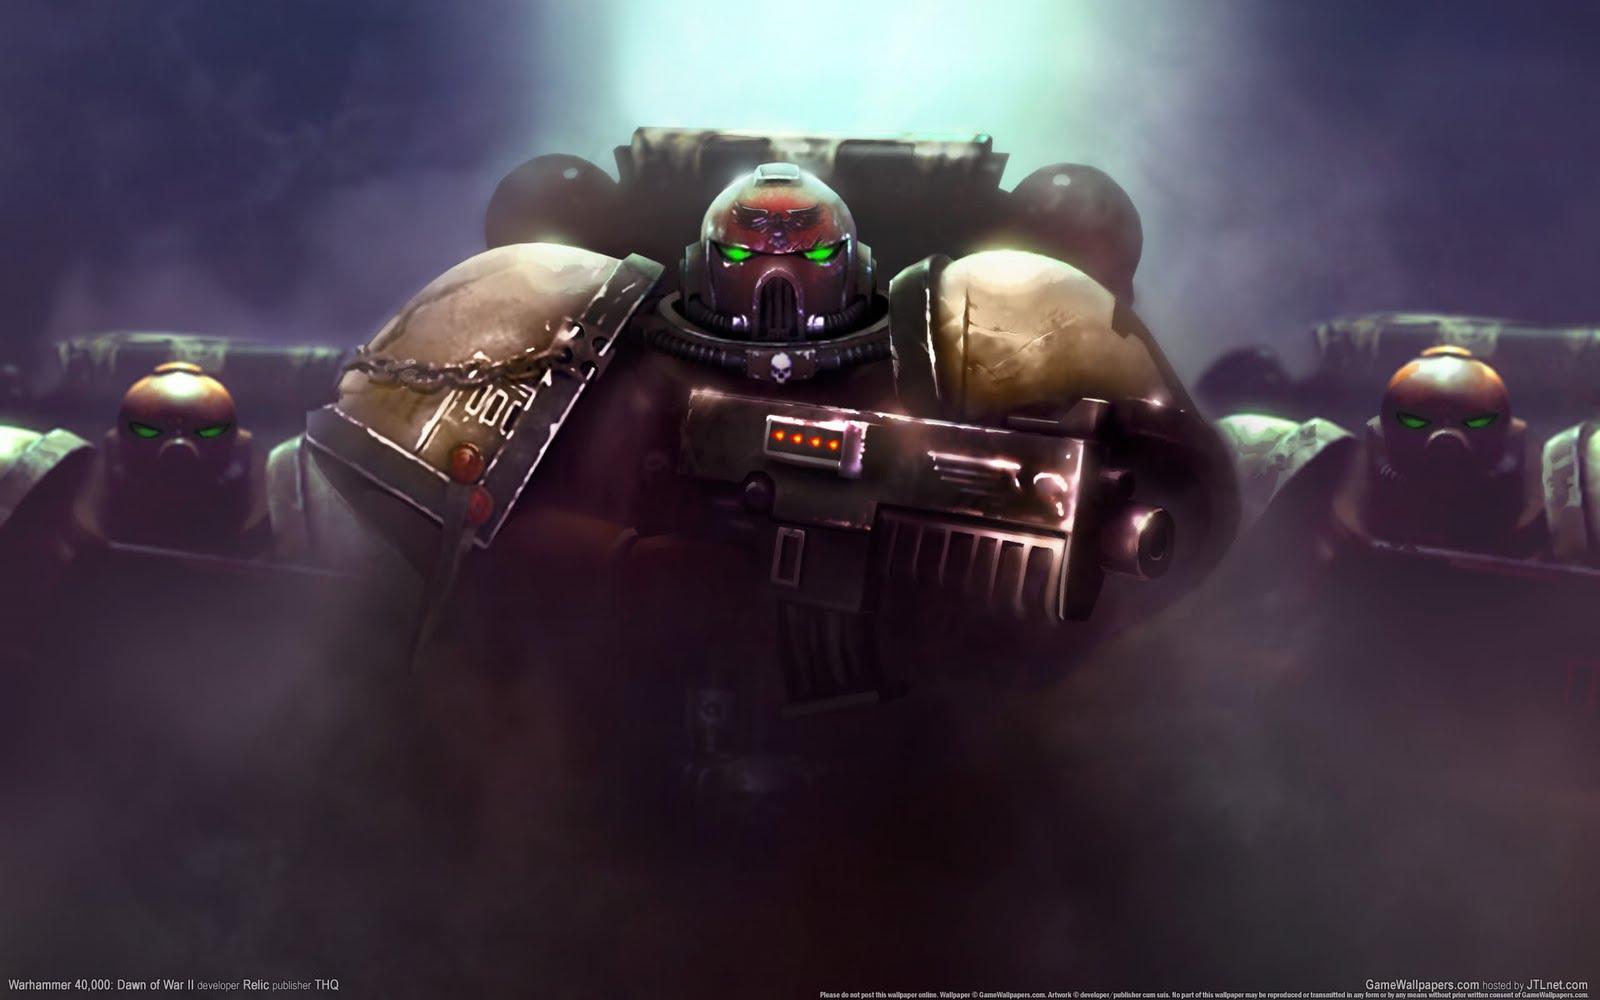 Warhammer clipart 1080p 40k bp blogspot com/_md7 Wh